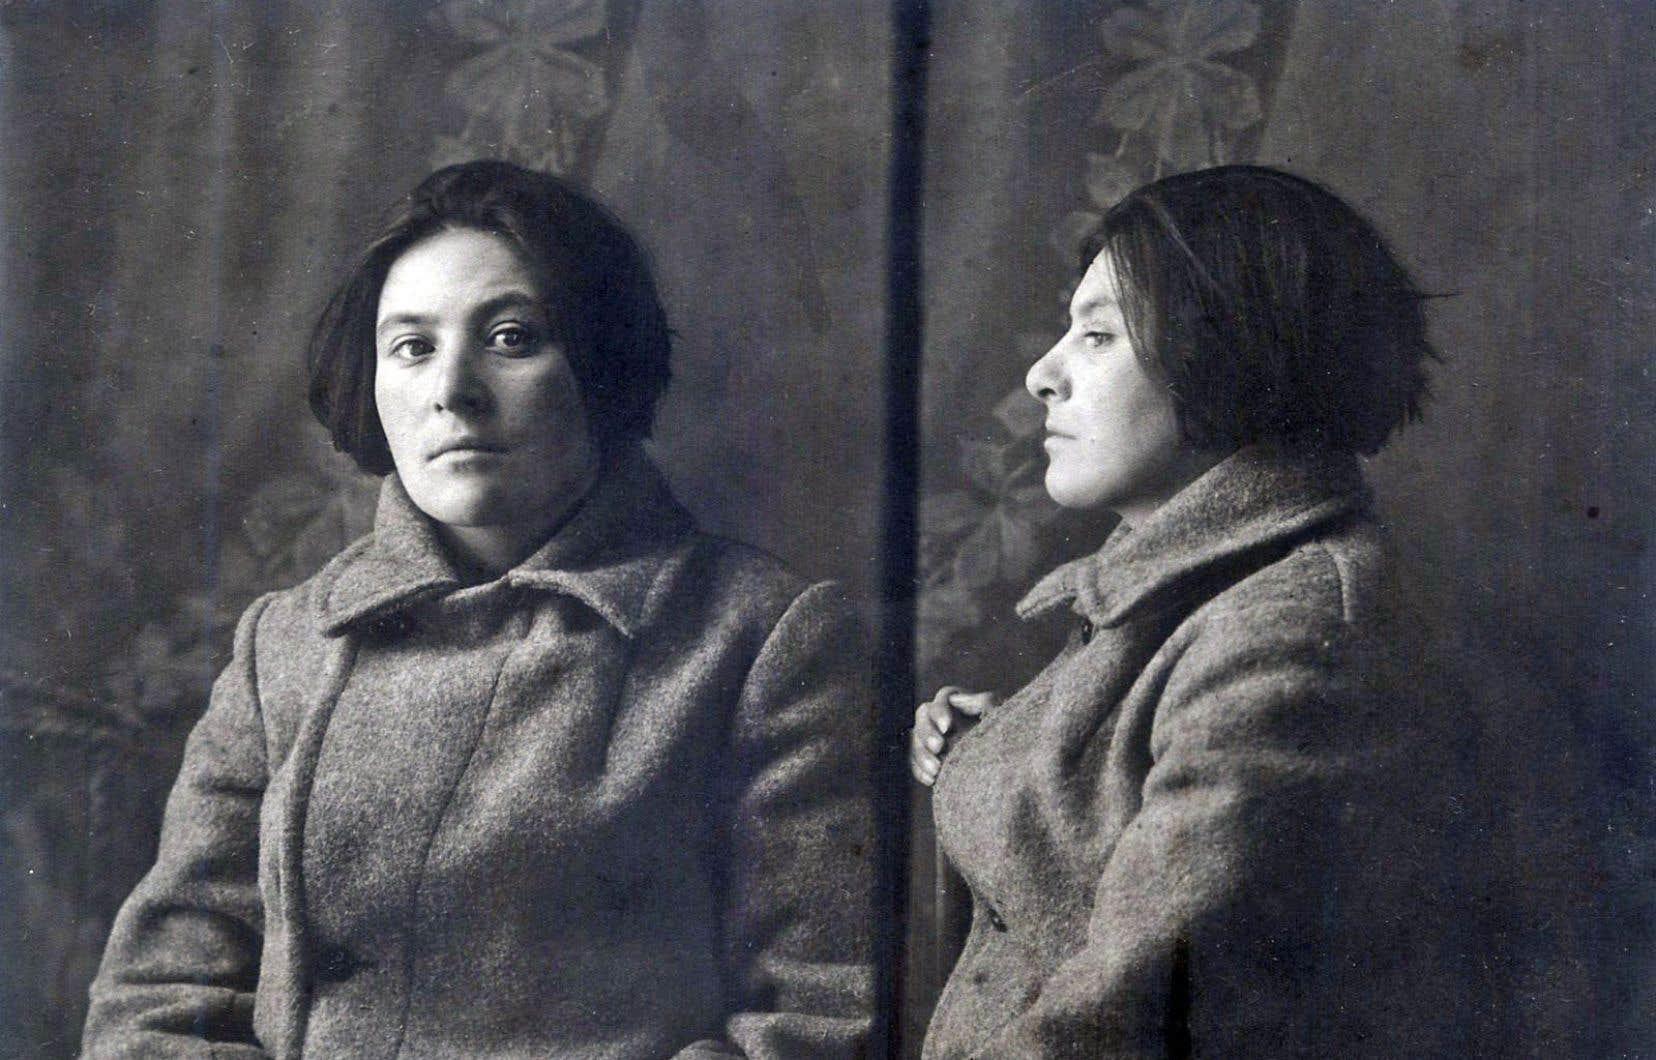 Evguénia Iaroslavskaïa-Markon le jour de sa dernière arrestation à la fin des années 1920, quelques jours avant son envoi dans le camp concentrationnaire des îles Solovki